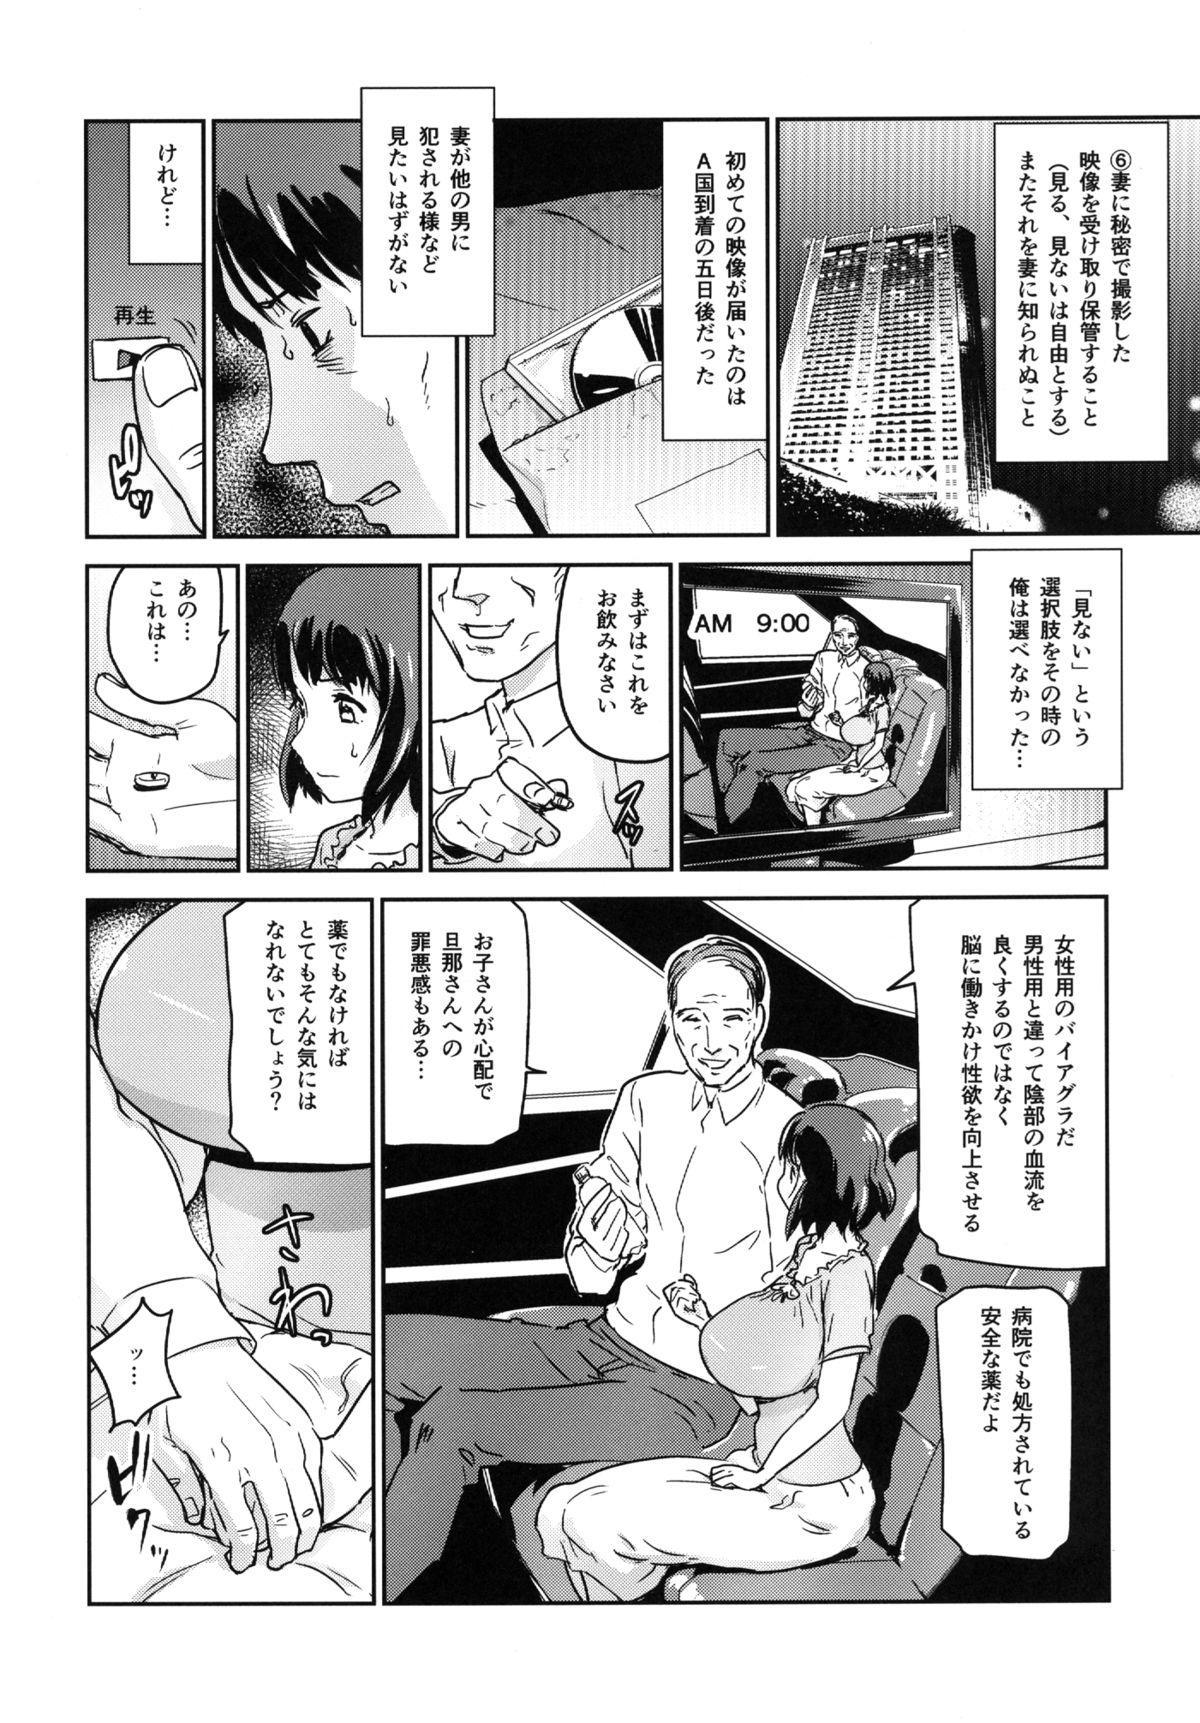 Hitozuma Kari - Kousoku Zecchou Sundome Game Nanbyou no Wagako no Chiryouhi no Tame Sono Mi wo Sashidasu Tsuma 18